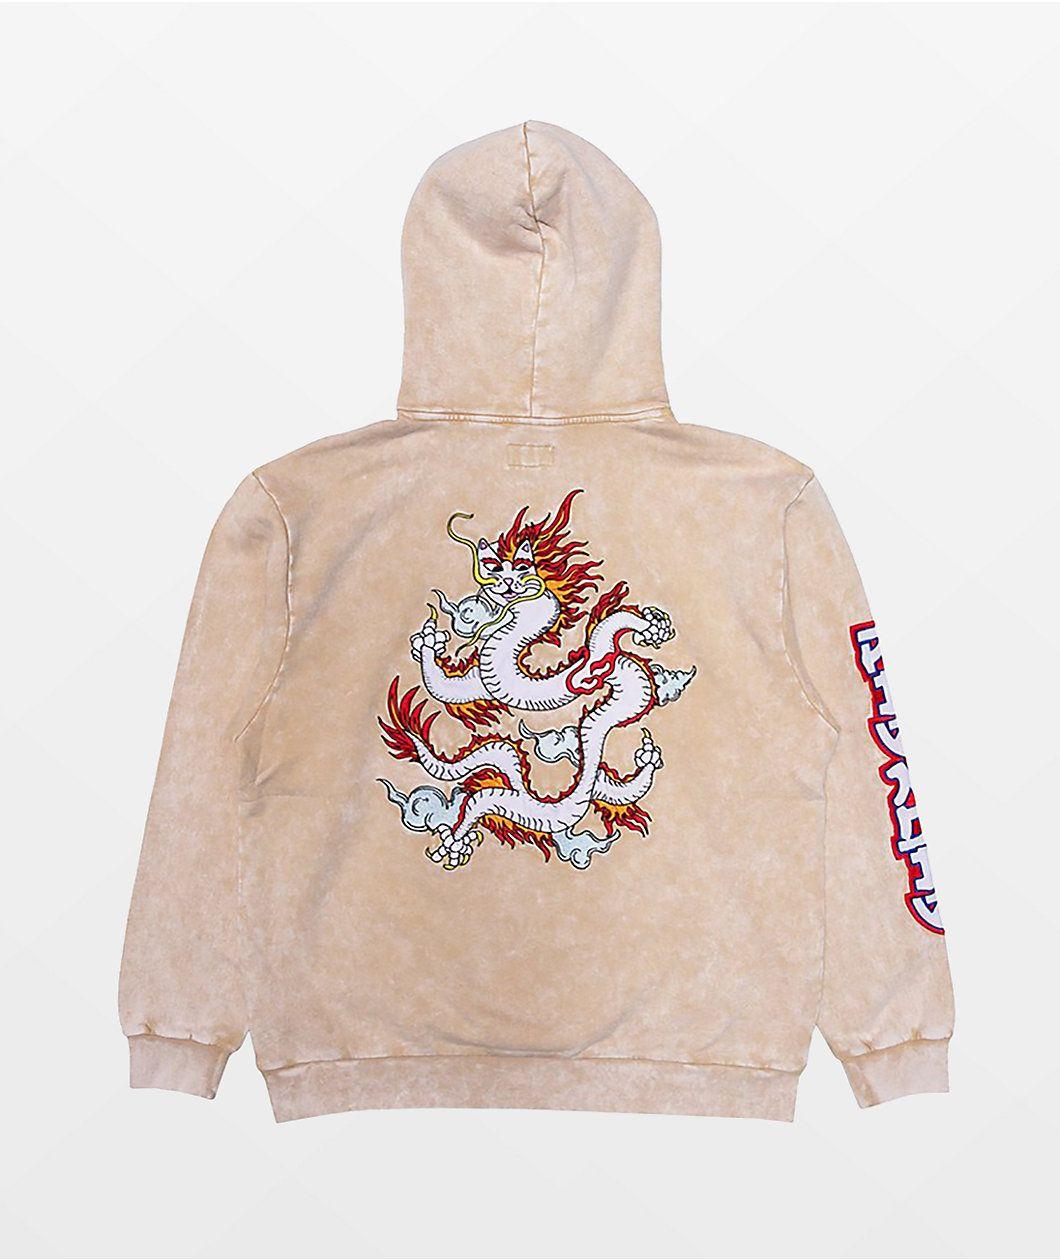 Ripndip Dragonerm Cream Mineral Wash Hoodie Zumiez Hoodies Hoodie Zumiez Fashion Design Clothes [ 1260 x 1060 Pixel ]